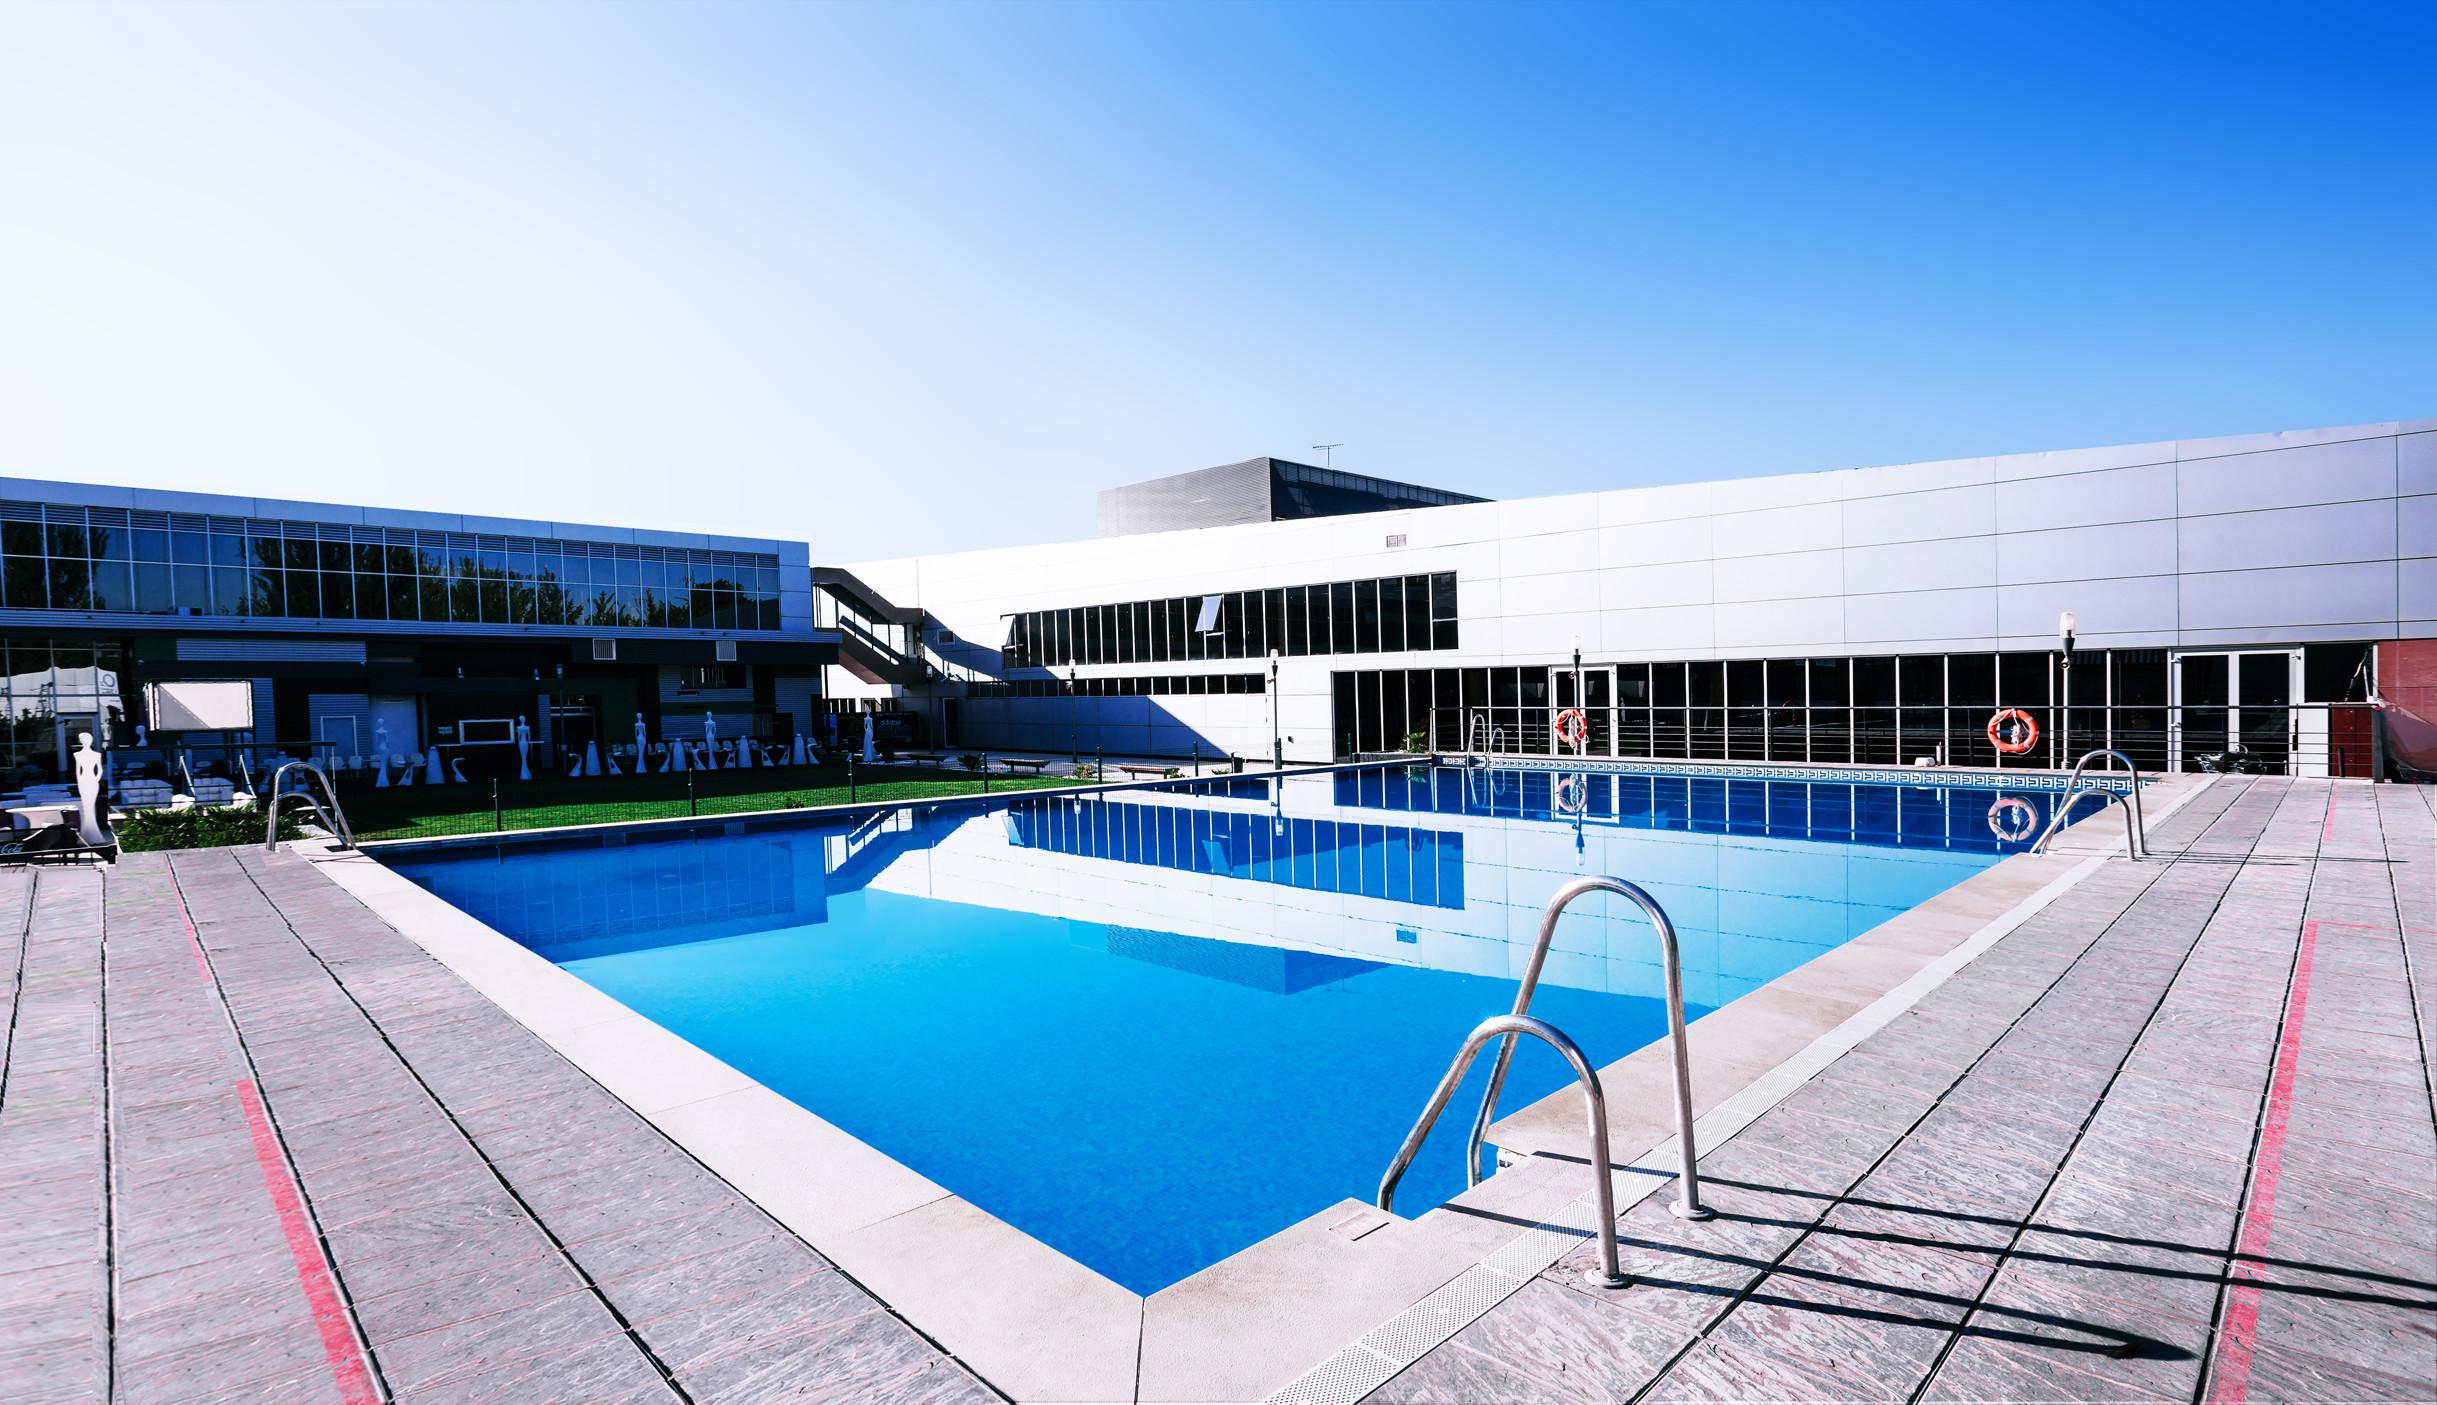 cursos de nataci n o2 centro wellness plenilunio